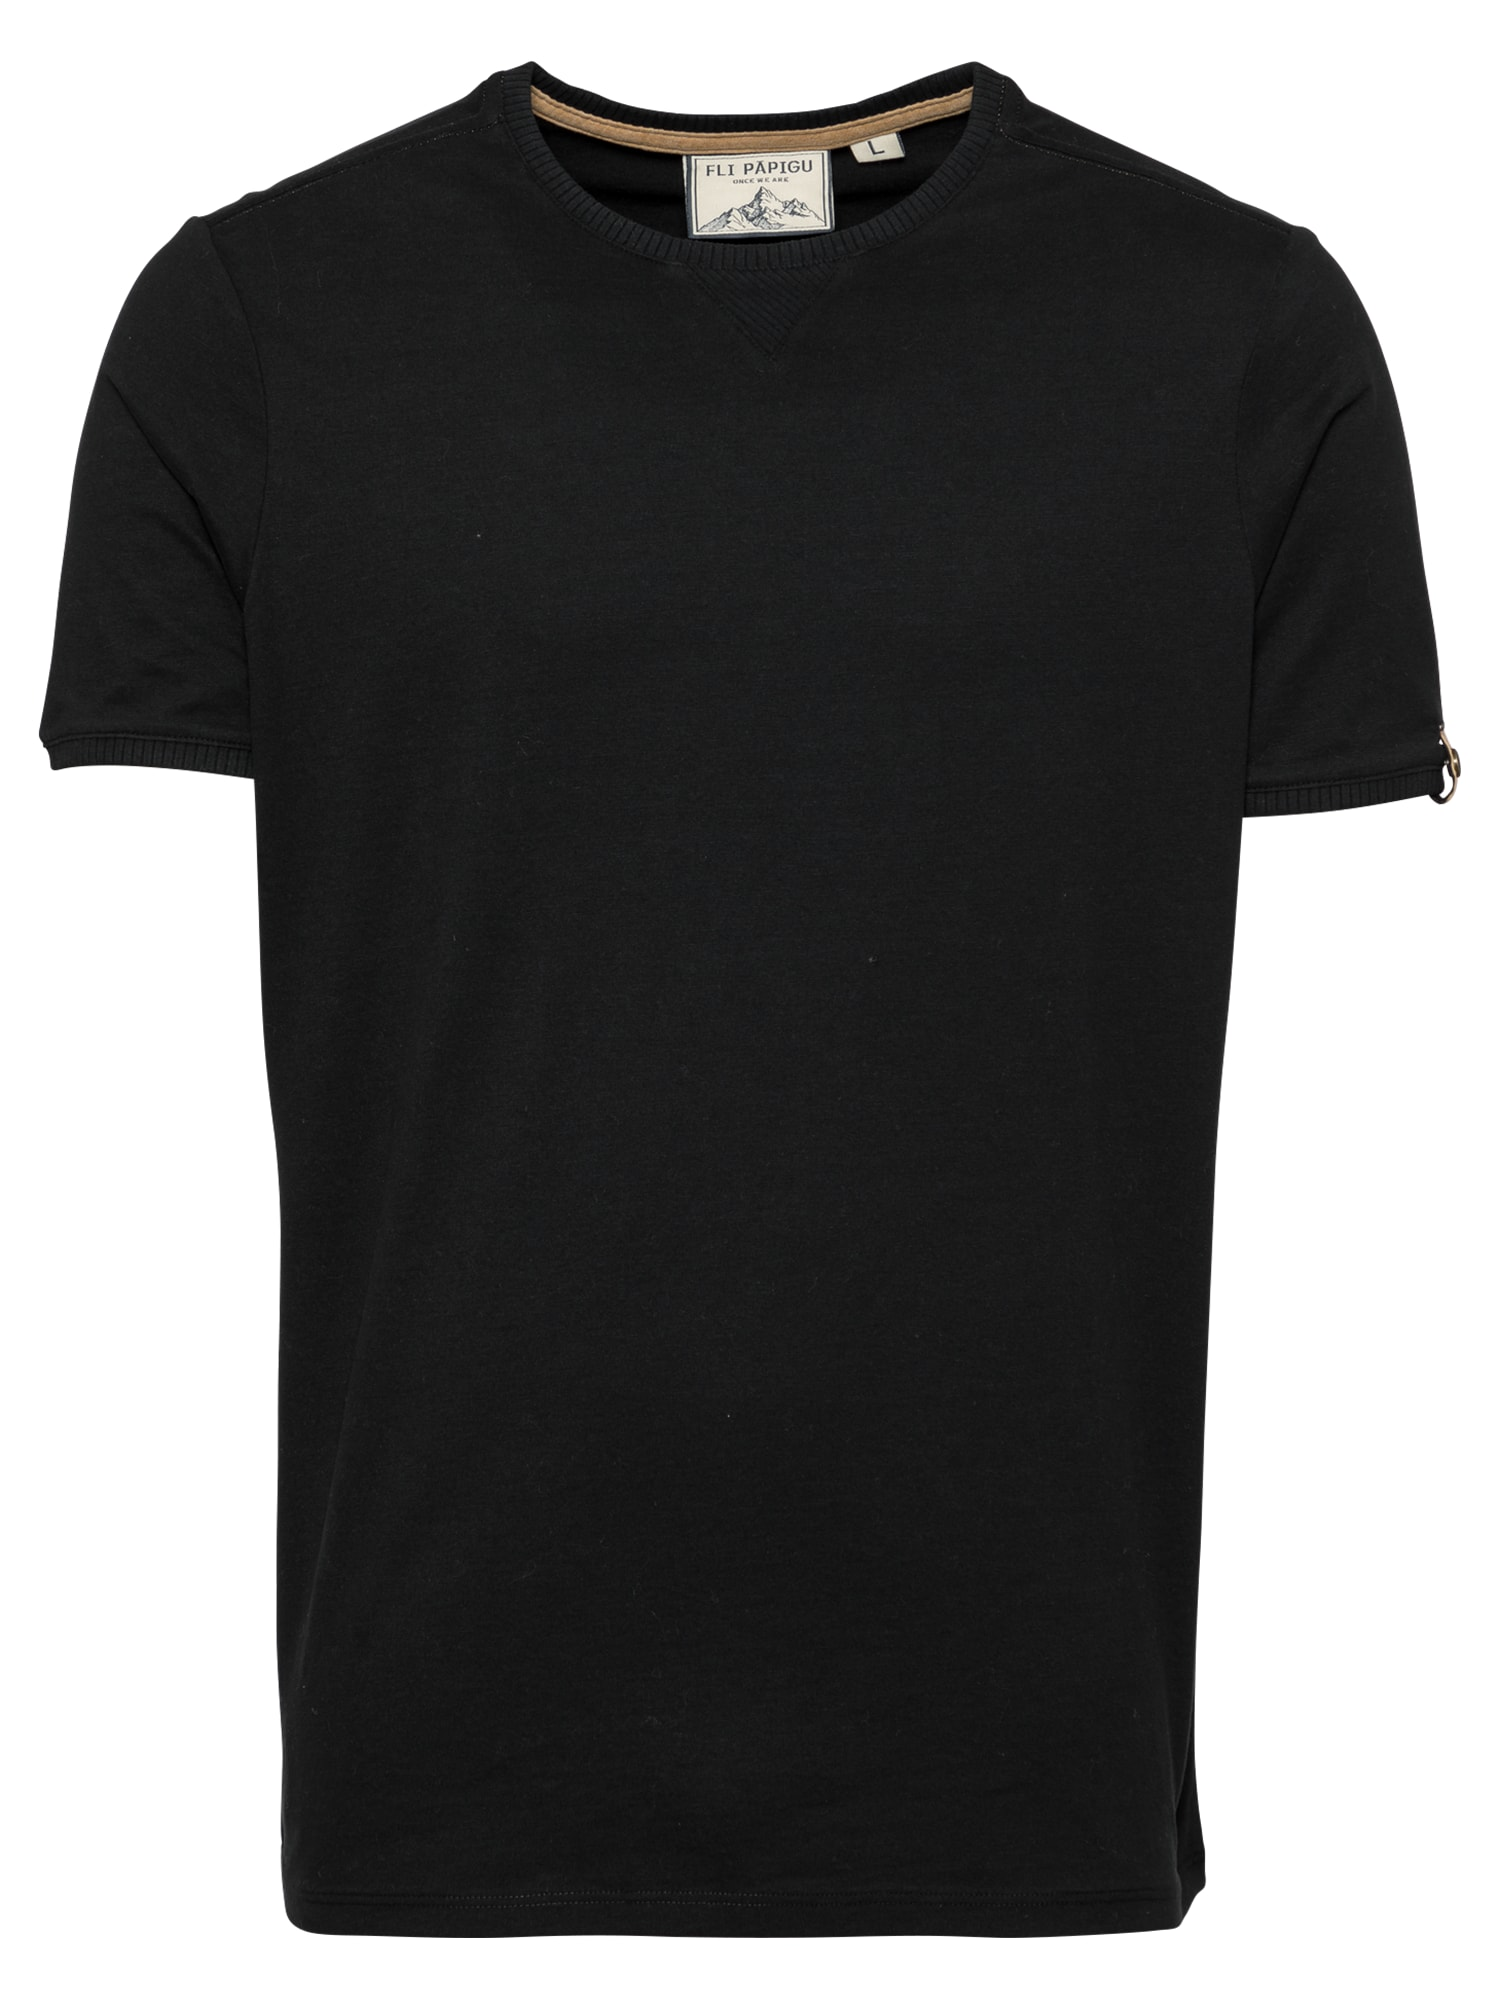 Fli Papigu Marškinėliai